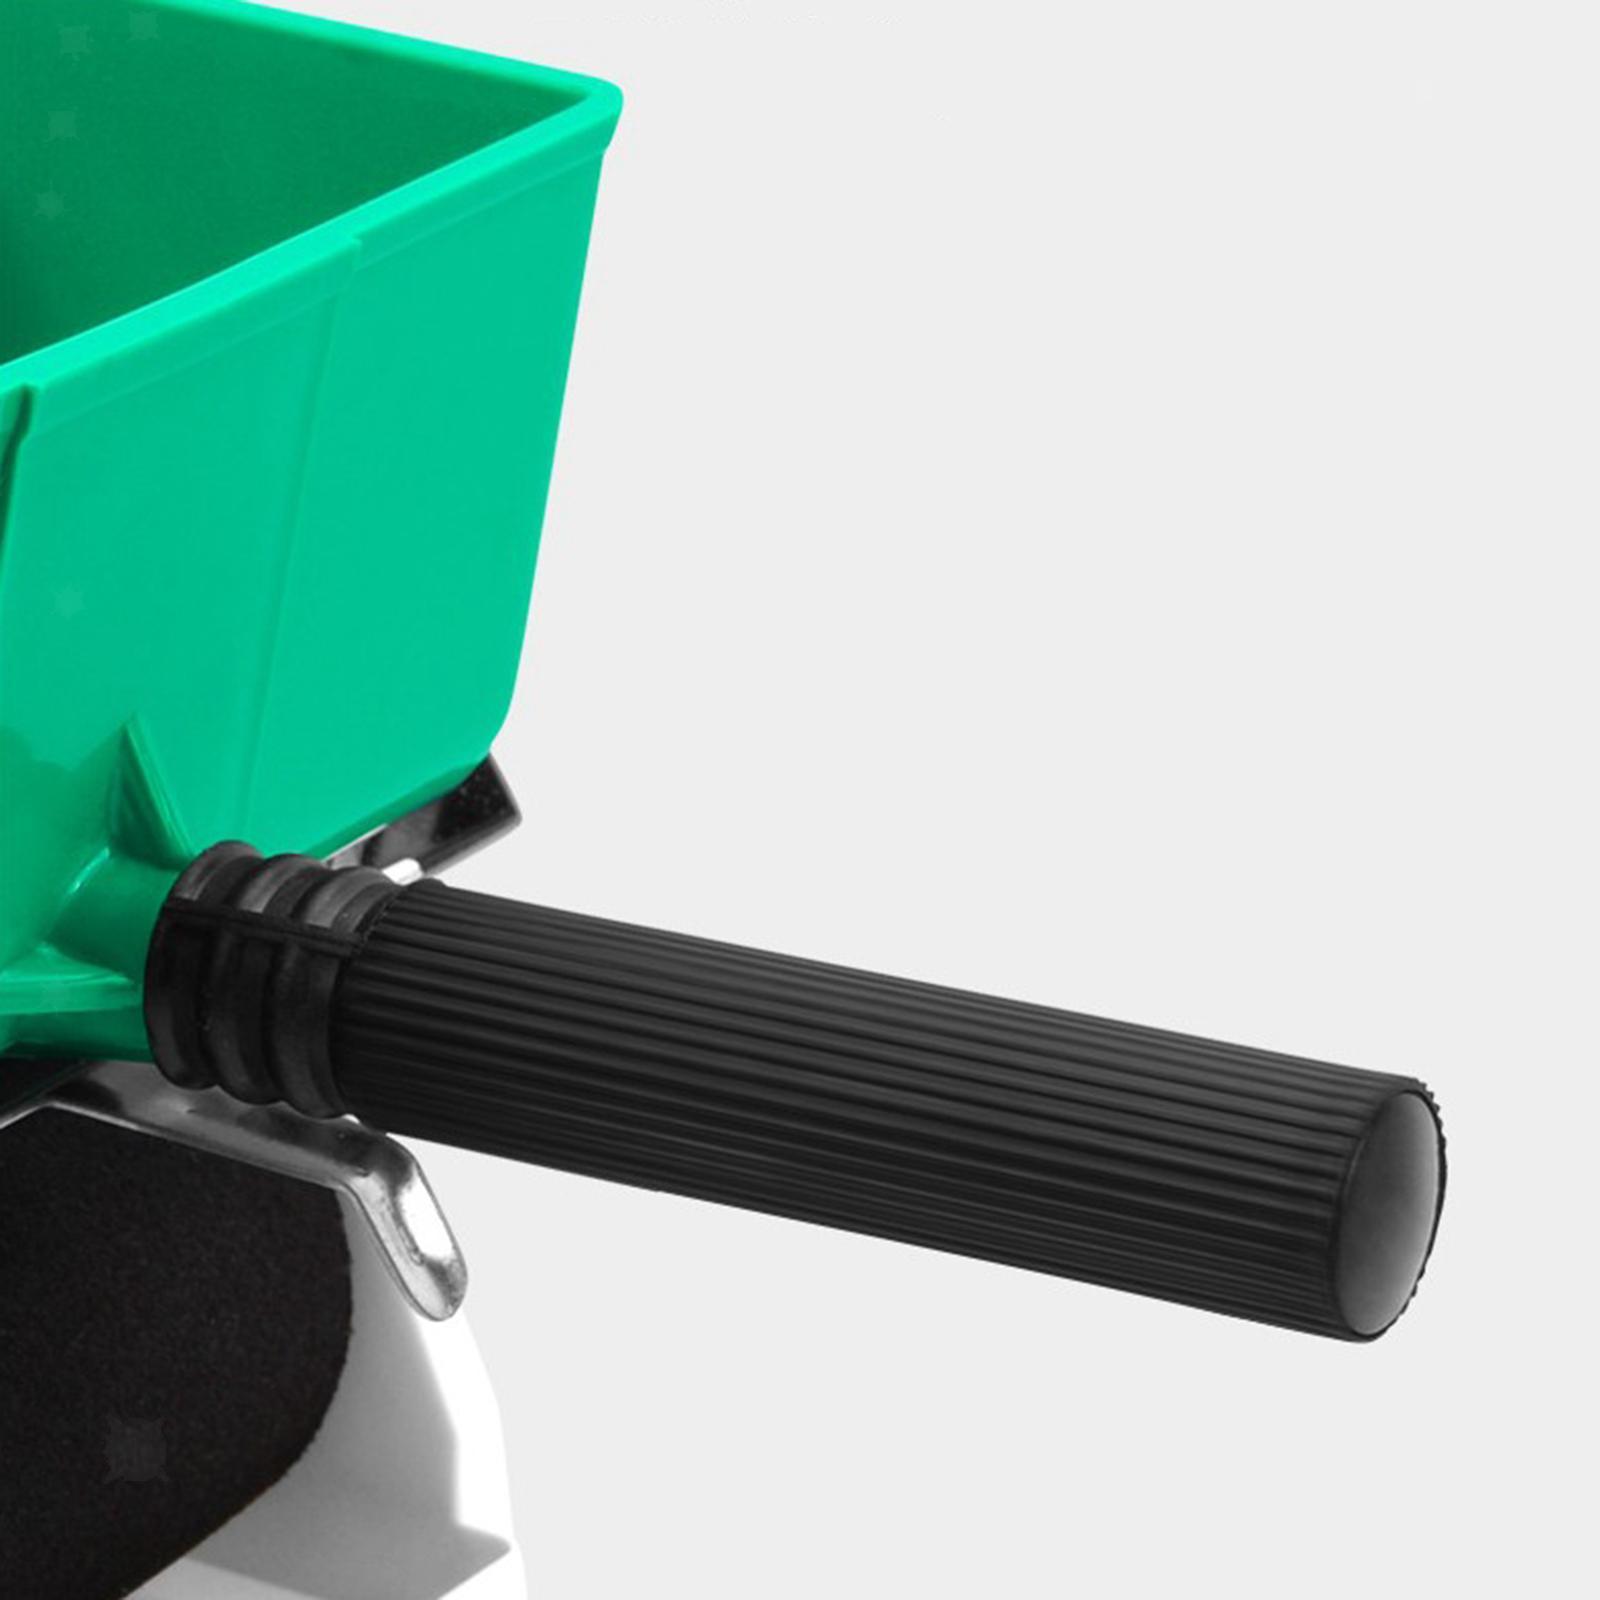 miniatura 15 - 180mL/320mL Portatile Colla Applicatore Rullo Professionale Rivestito Colla